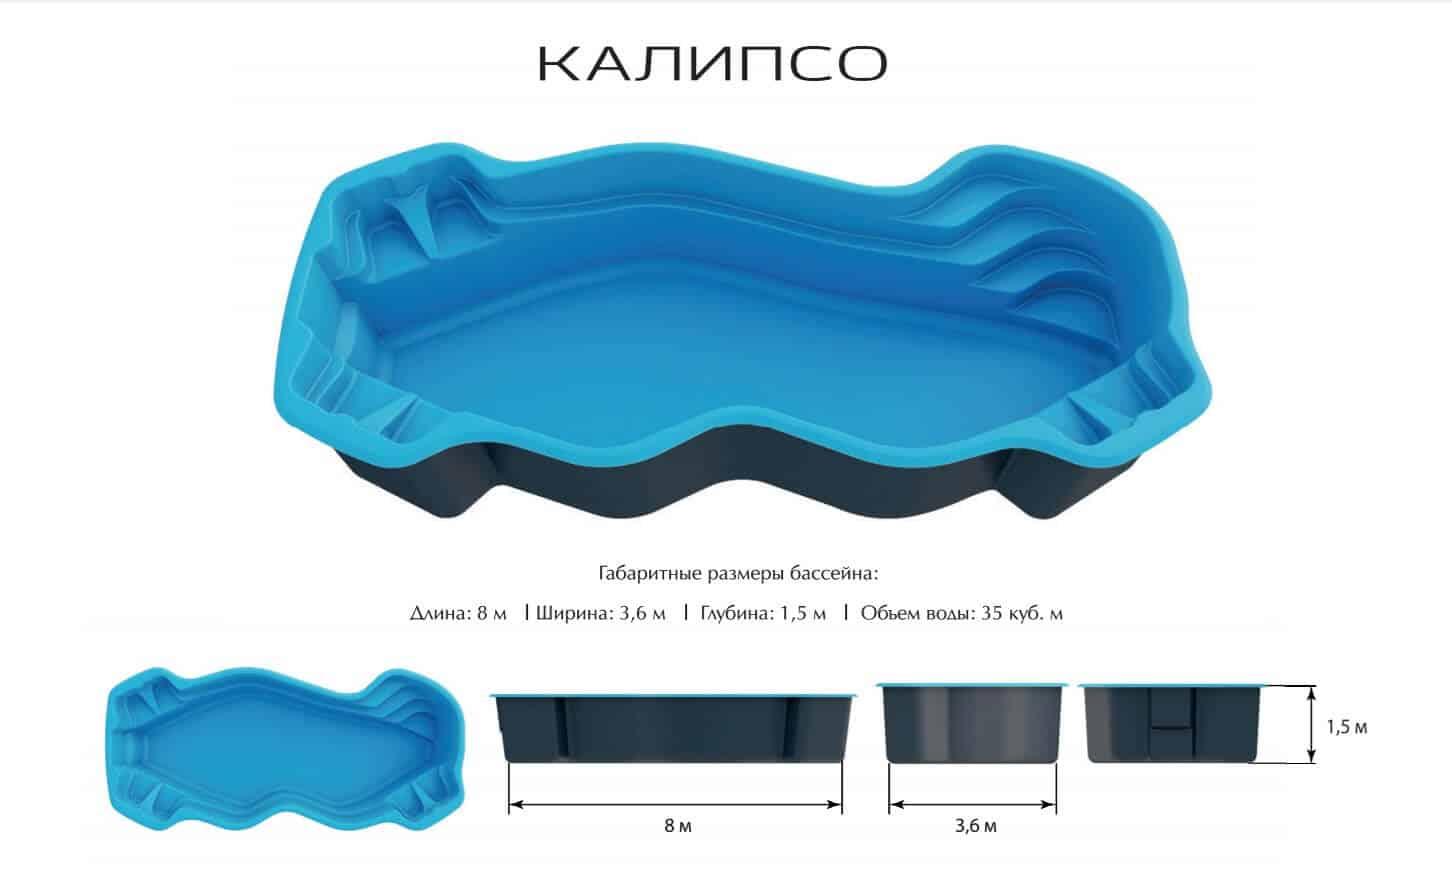 Композитный бассейн Калипсо PREMIUM